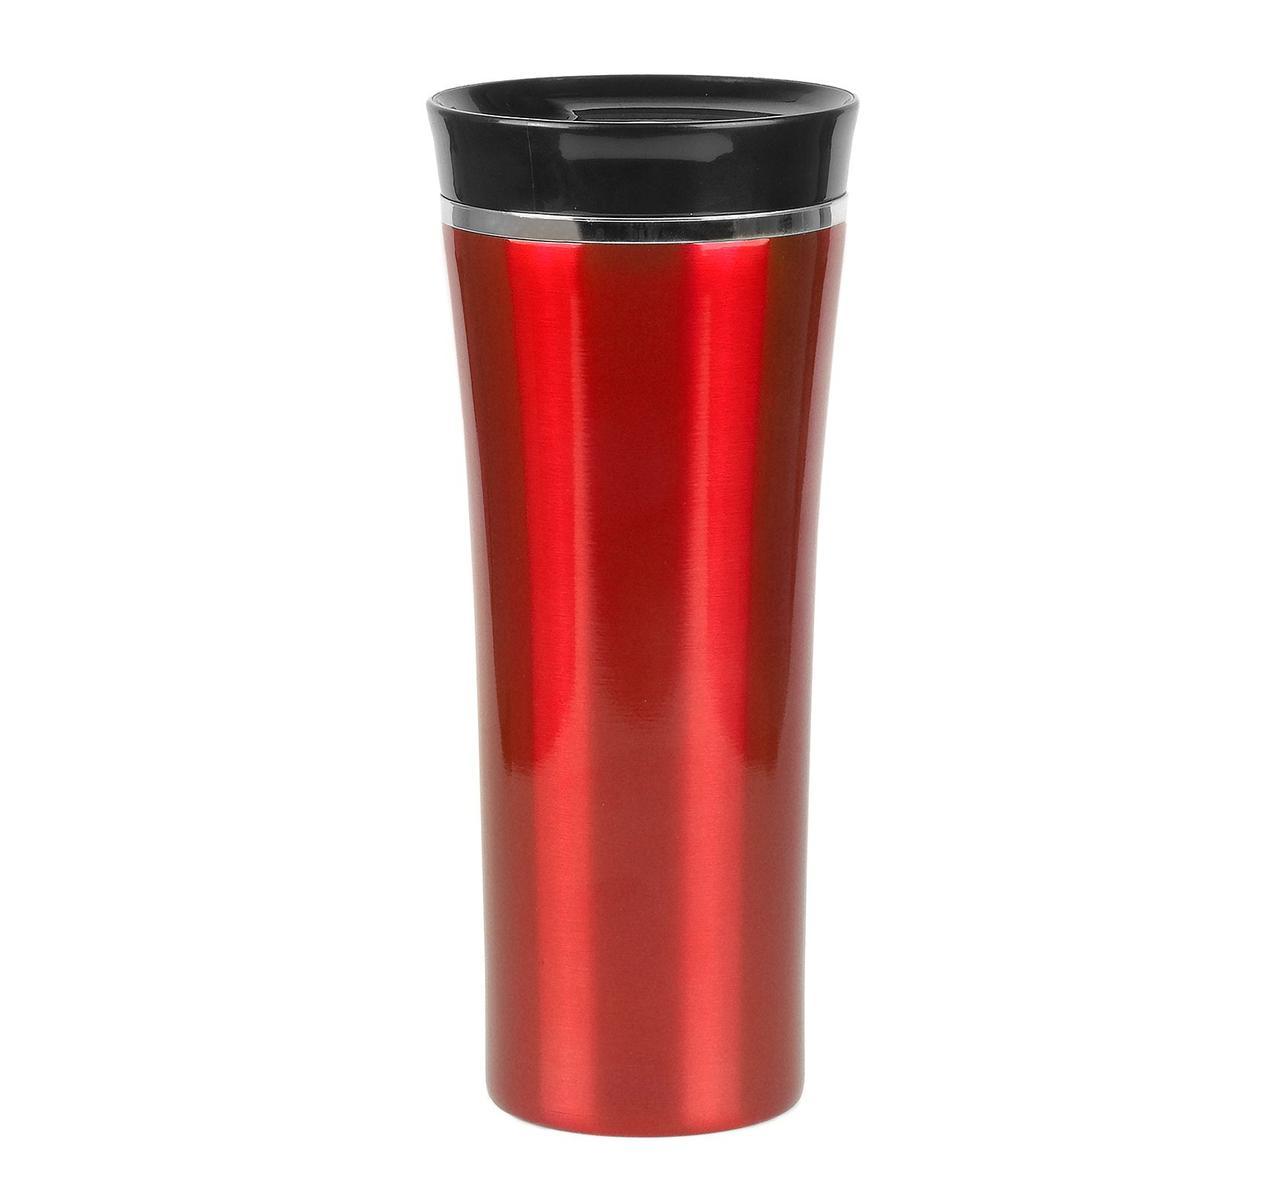 ТЕРМОКРУЖКА красная LATTE, ТМ DISCOVER, цельнометаллическая с клапаном-кнопкой, под гравировку логотипа, фото 1